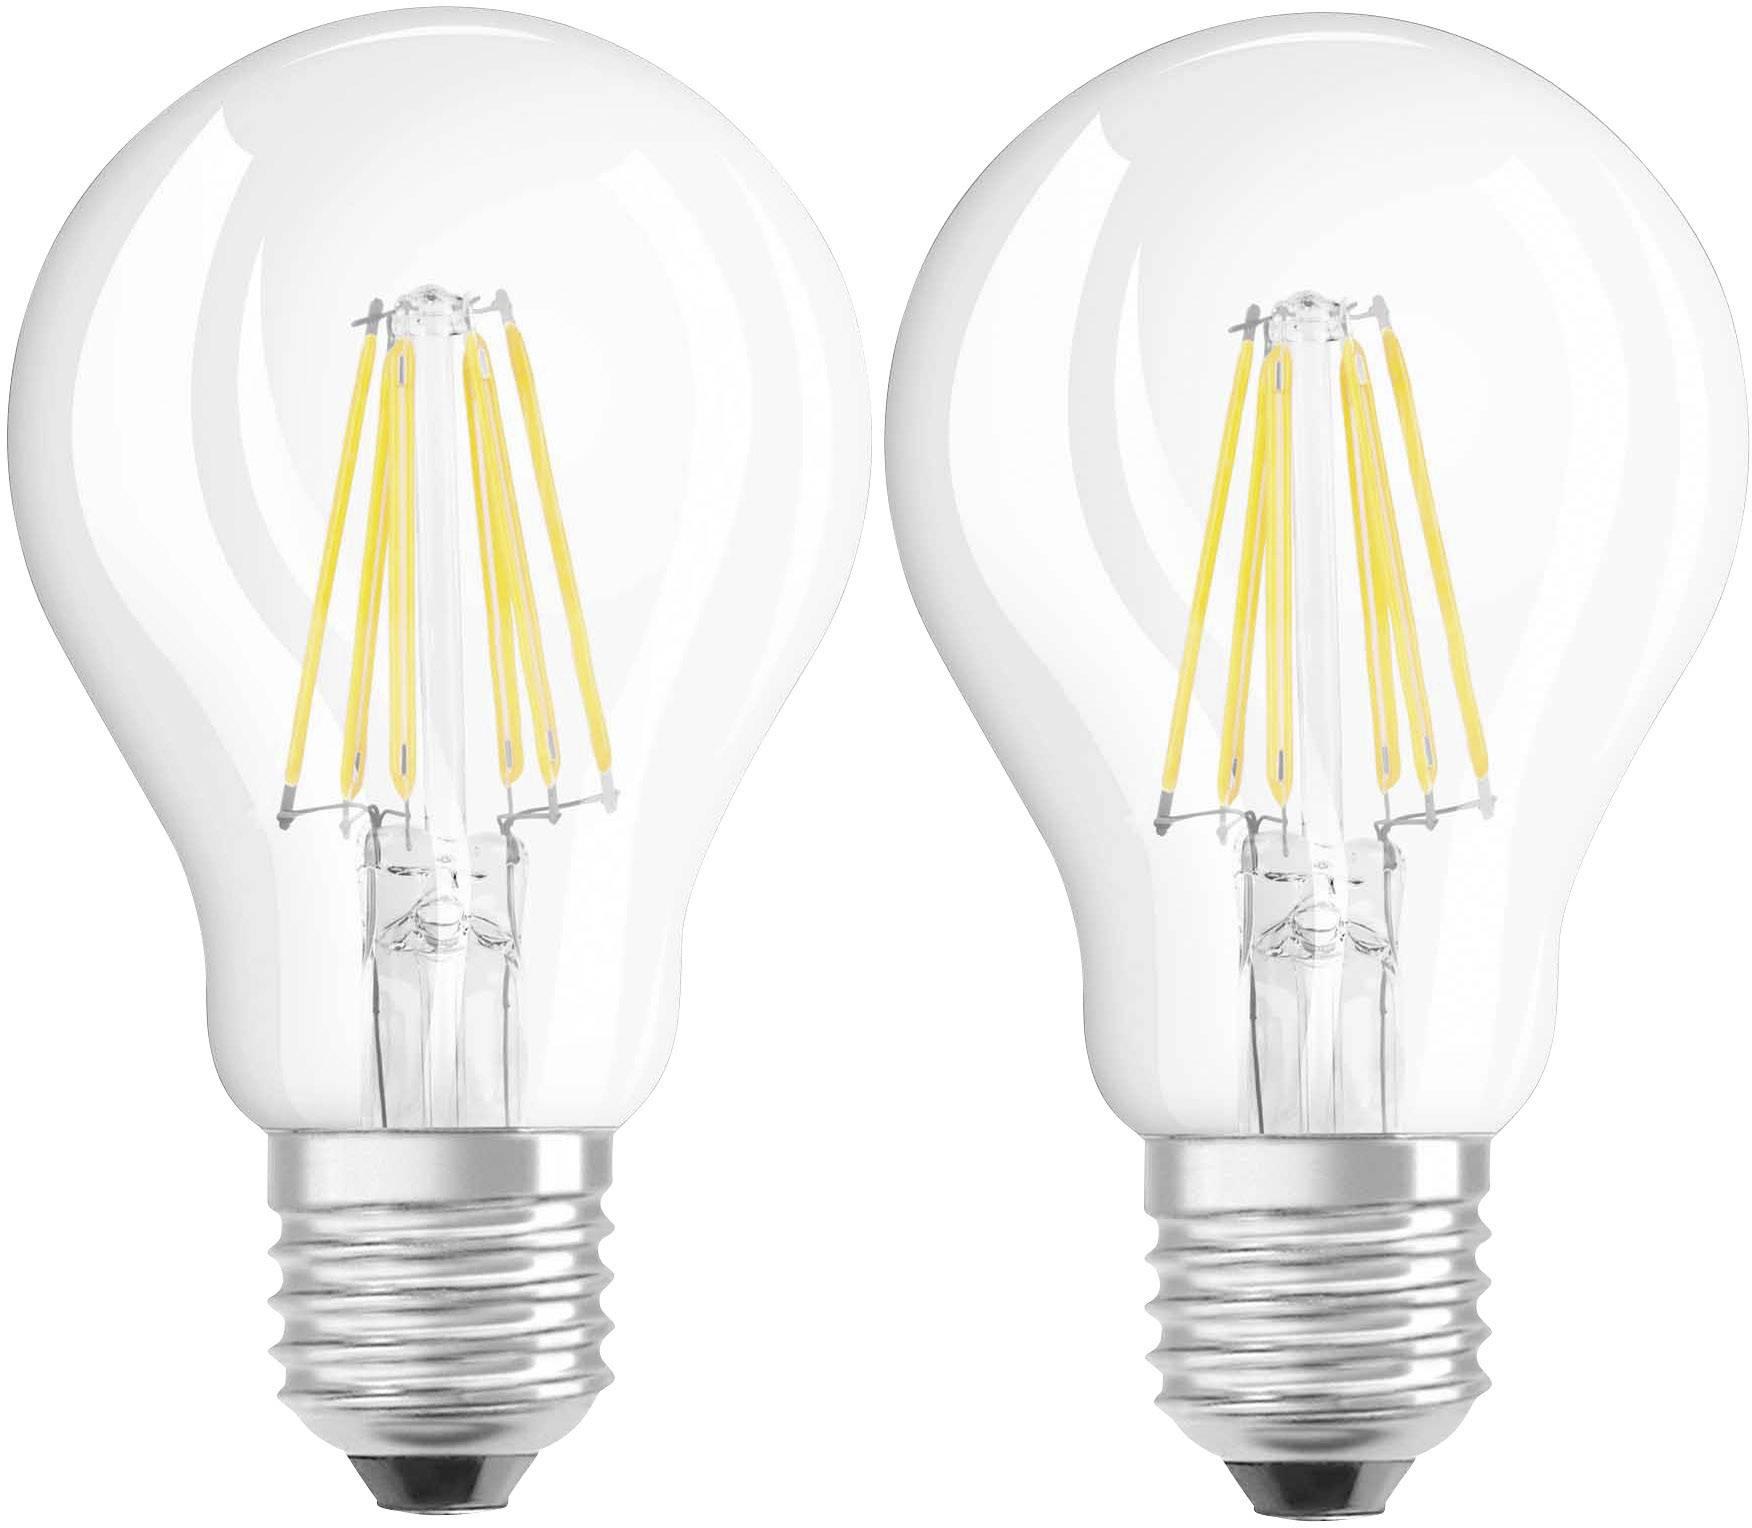 OSRAM LED E27 Glühlampenform 7 W U003d 60 W Warmweiß (Ø X L) 60